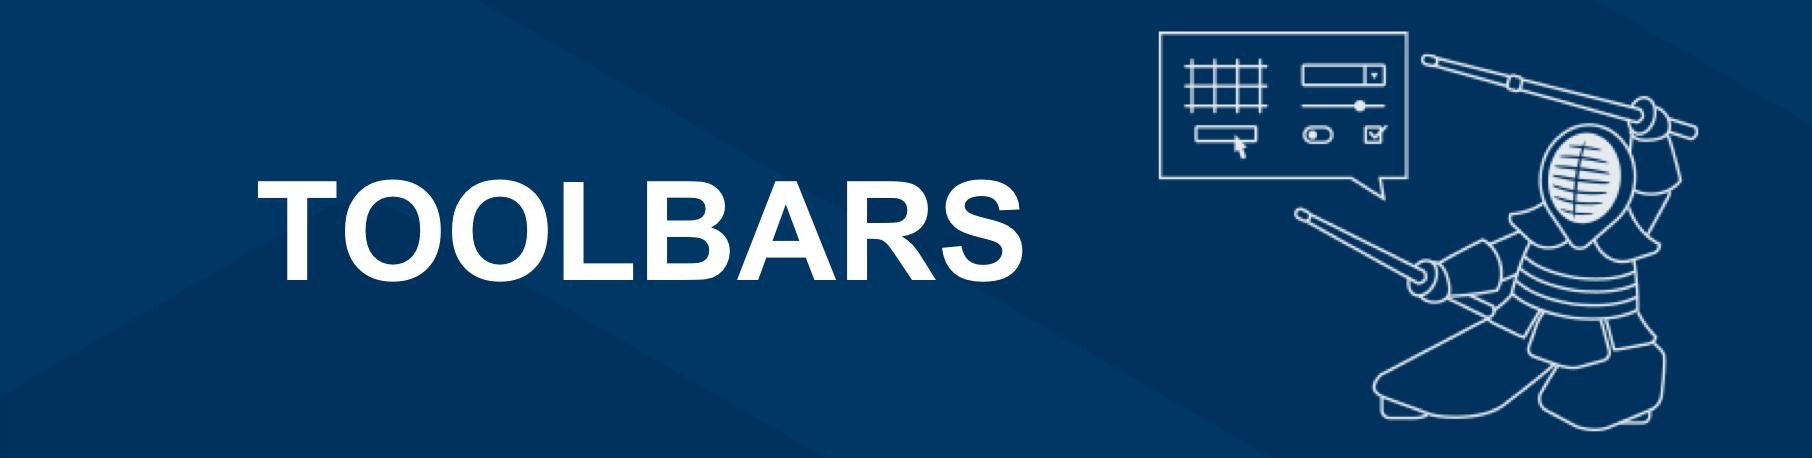 Kendo UI Toolbars